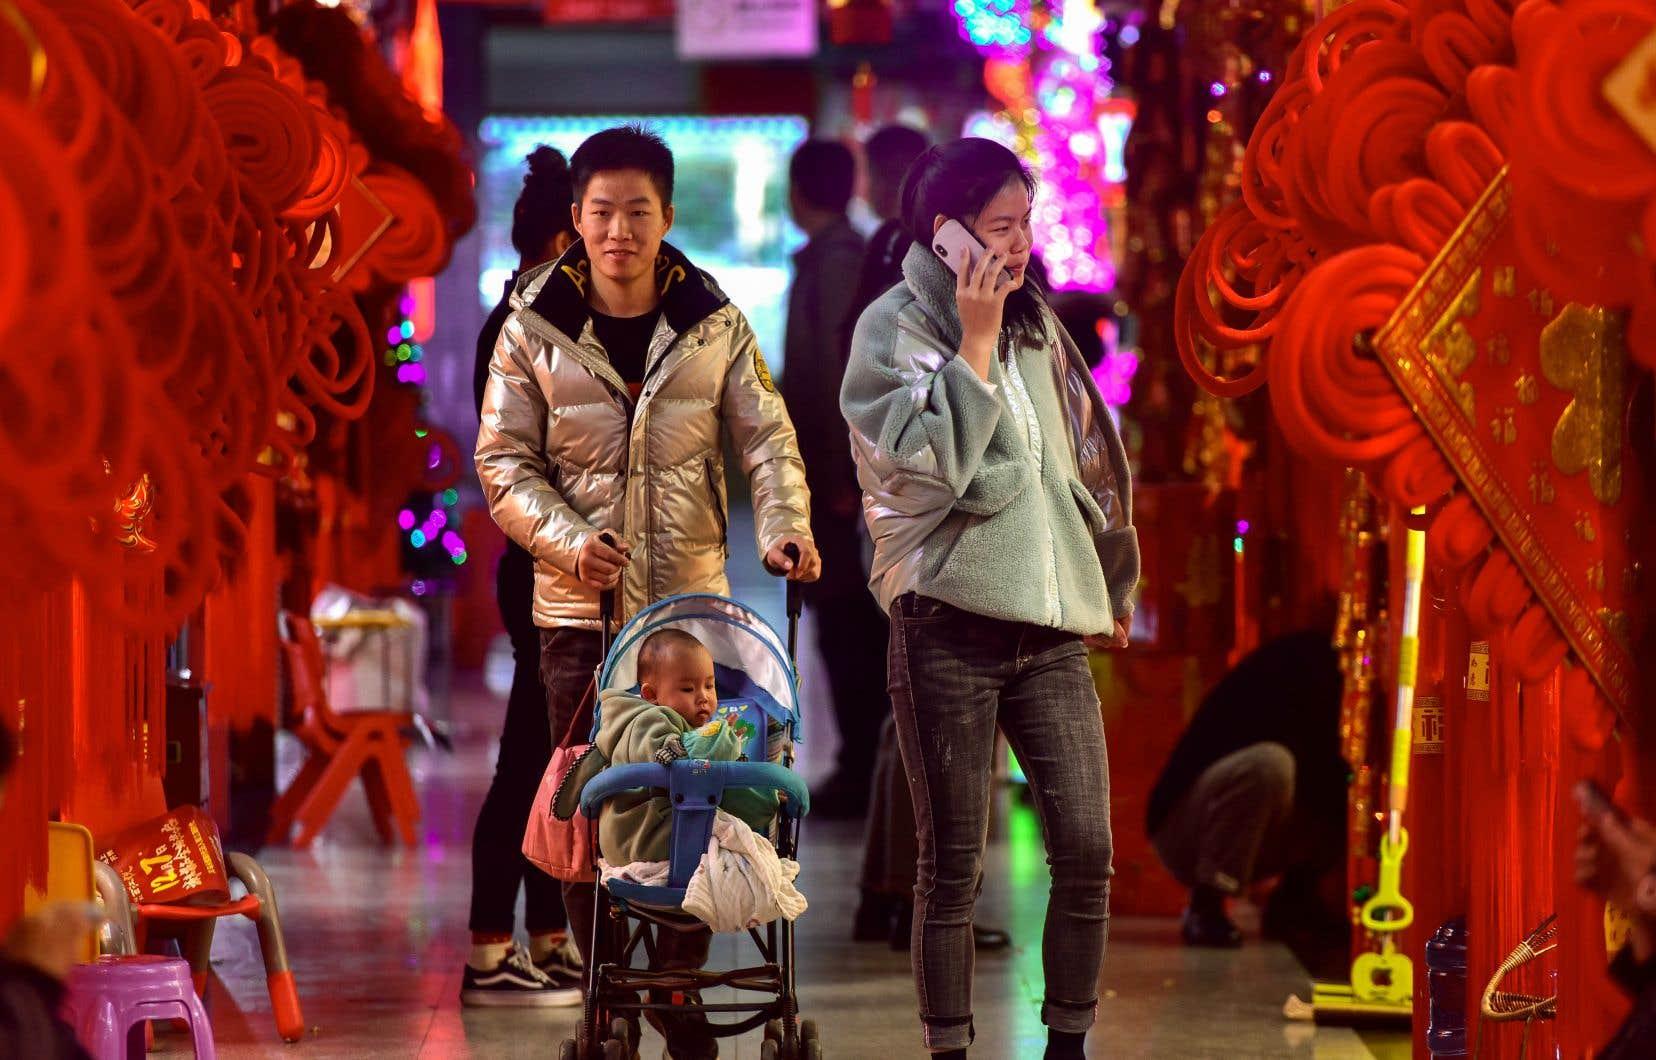 La Chine d'aujourd'hui est bien différente de celle d'il y a 20ans avec sa main-d'œuvre bon marché abondante. Depuis, la Chine a gravi les échelons en s'imposant pour se rapprocher des standards occidentaux.